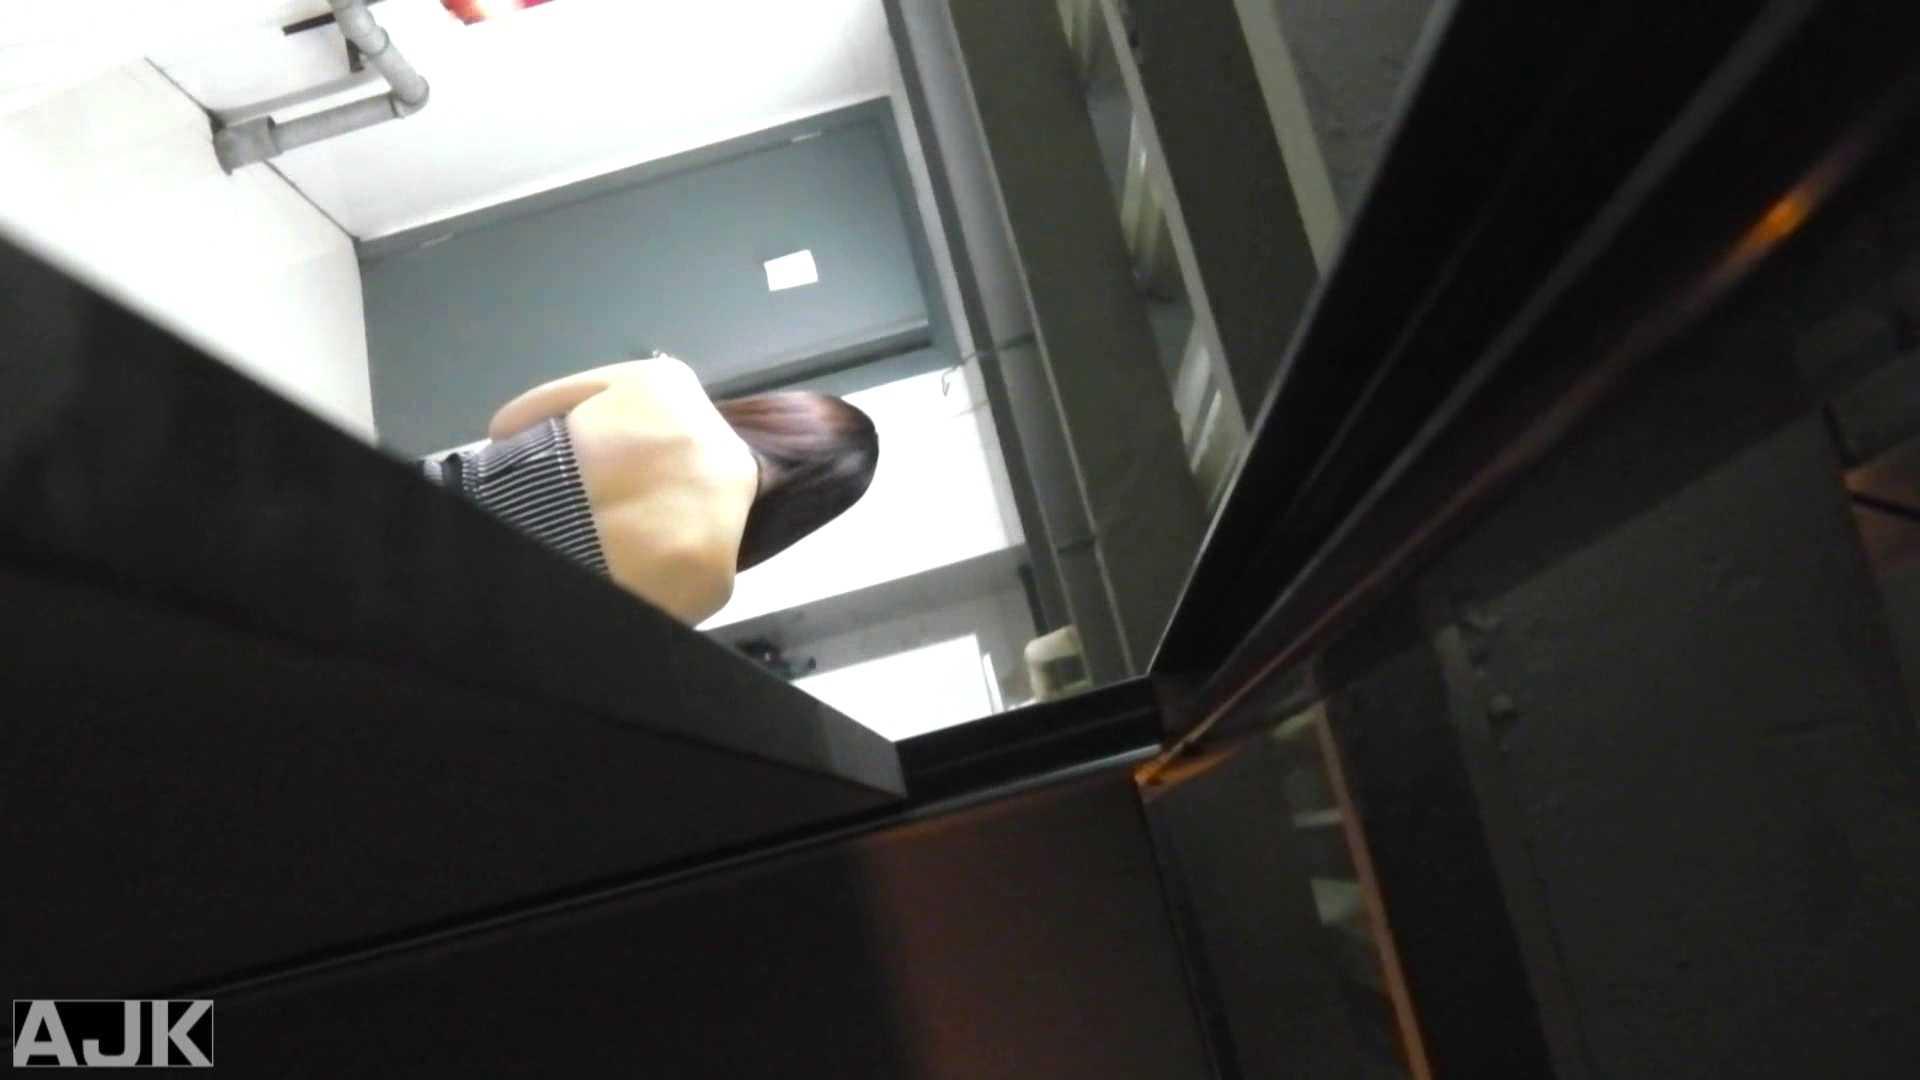 隣国上階級エリアの令嬢たちが集うデパートお手洗い Vol.25 マンコ オメコ動画キャプチャ 105画像 60